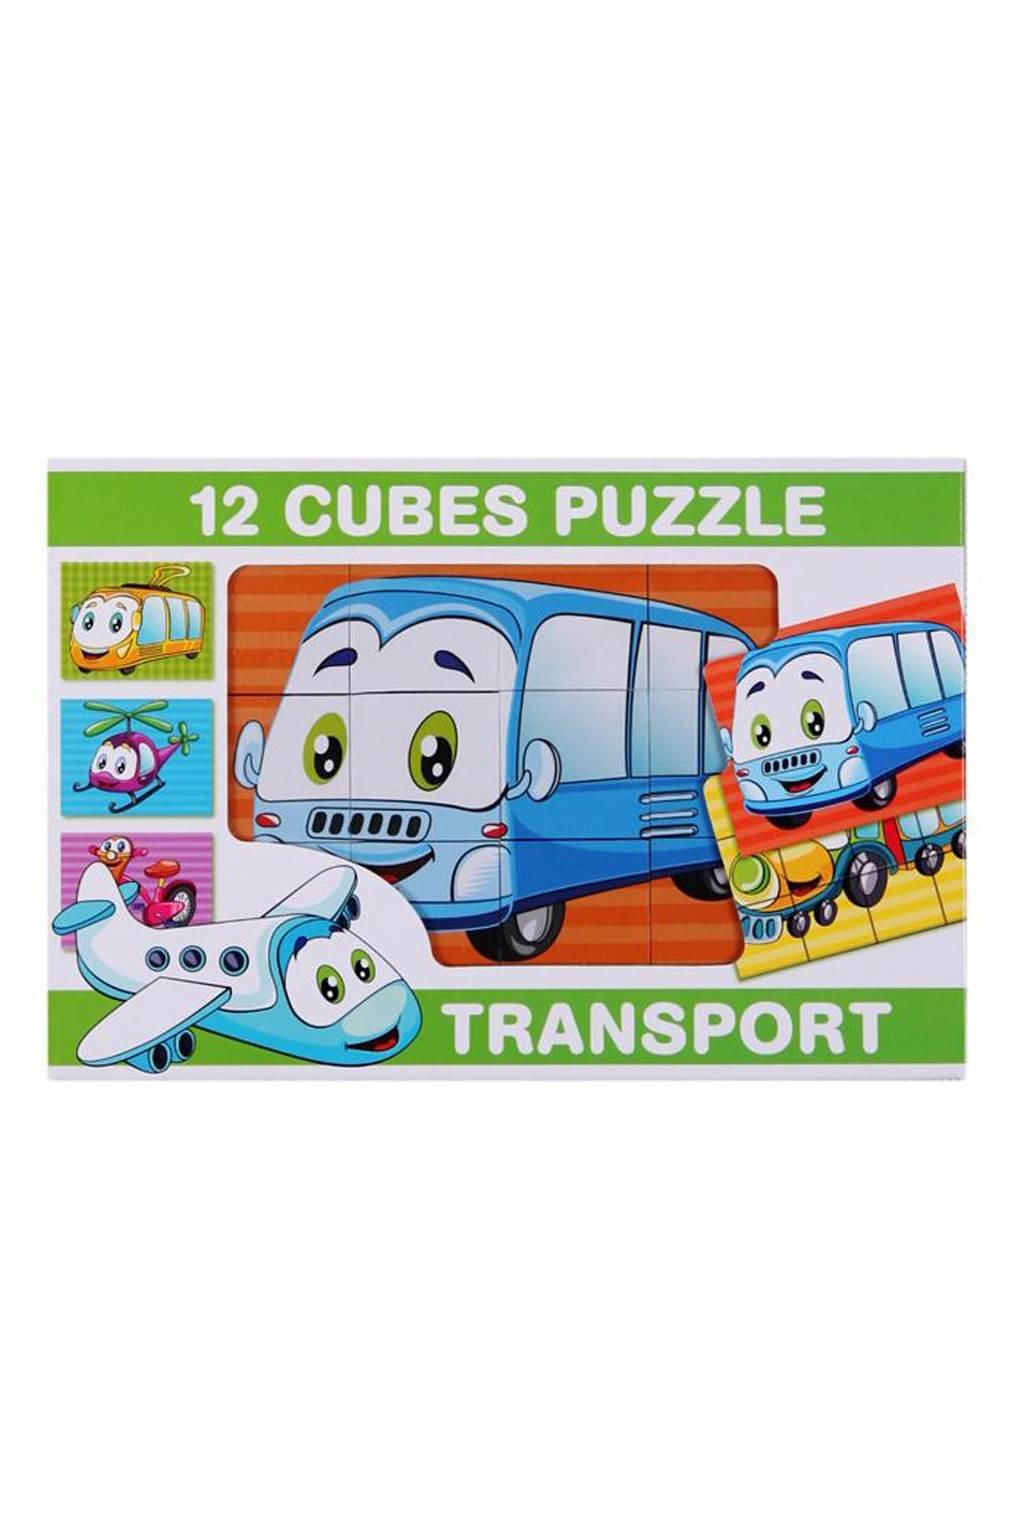 Skladacie obrázkové kocky 12 ks transport